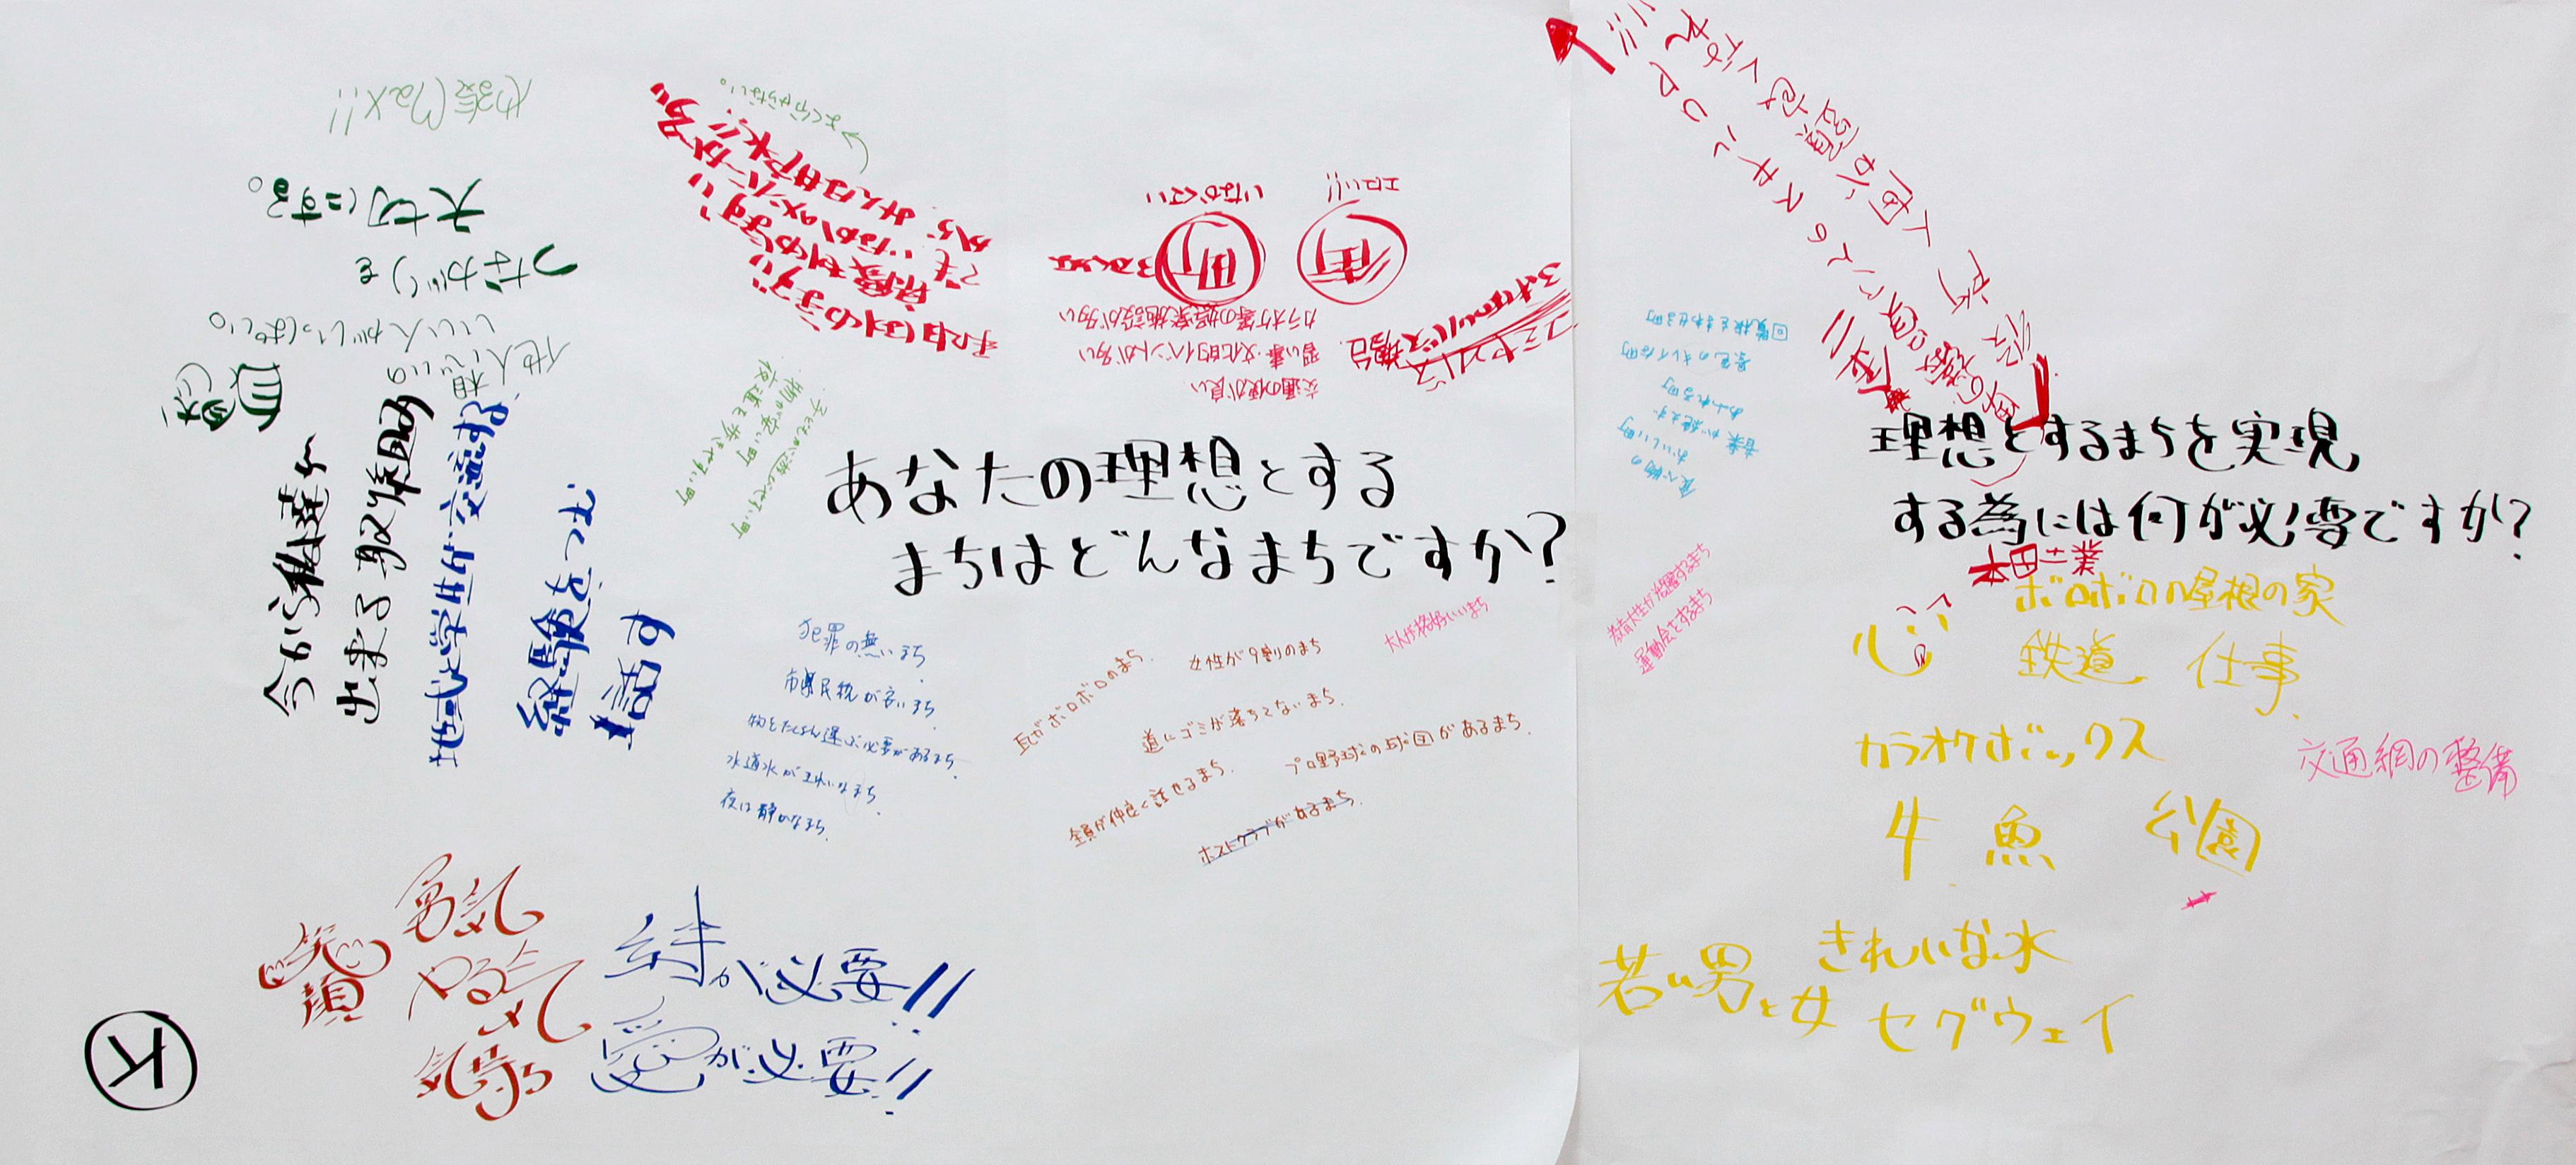 http://www.munakatajc.com/active/2013101712.jpg